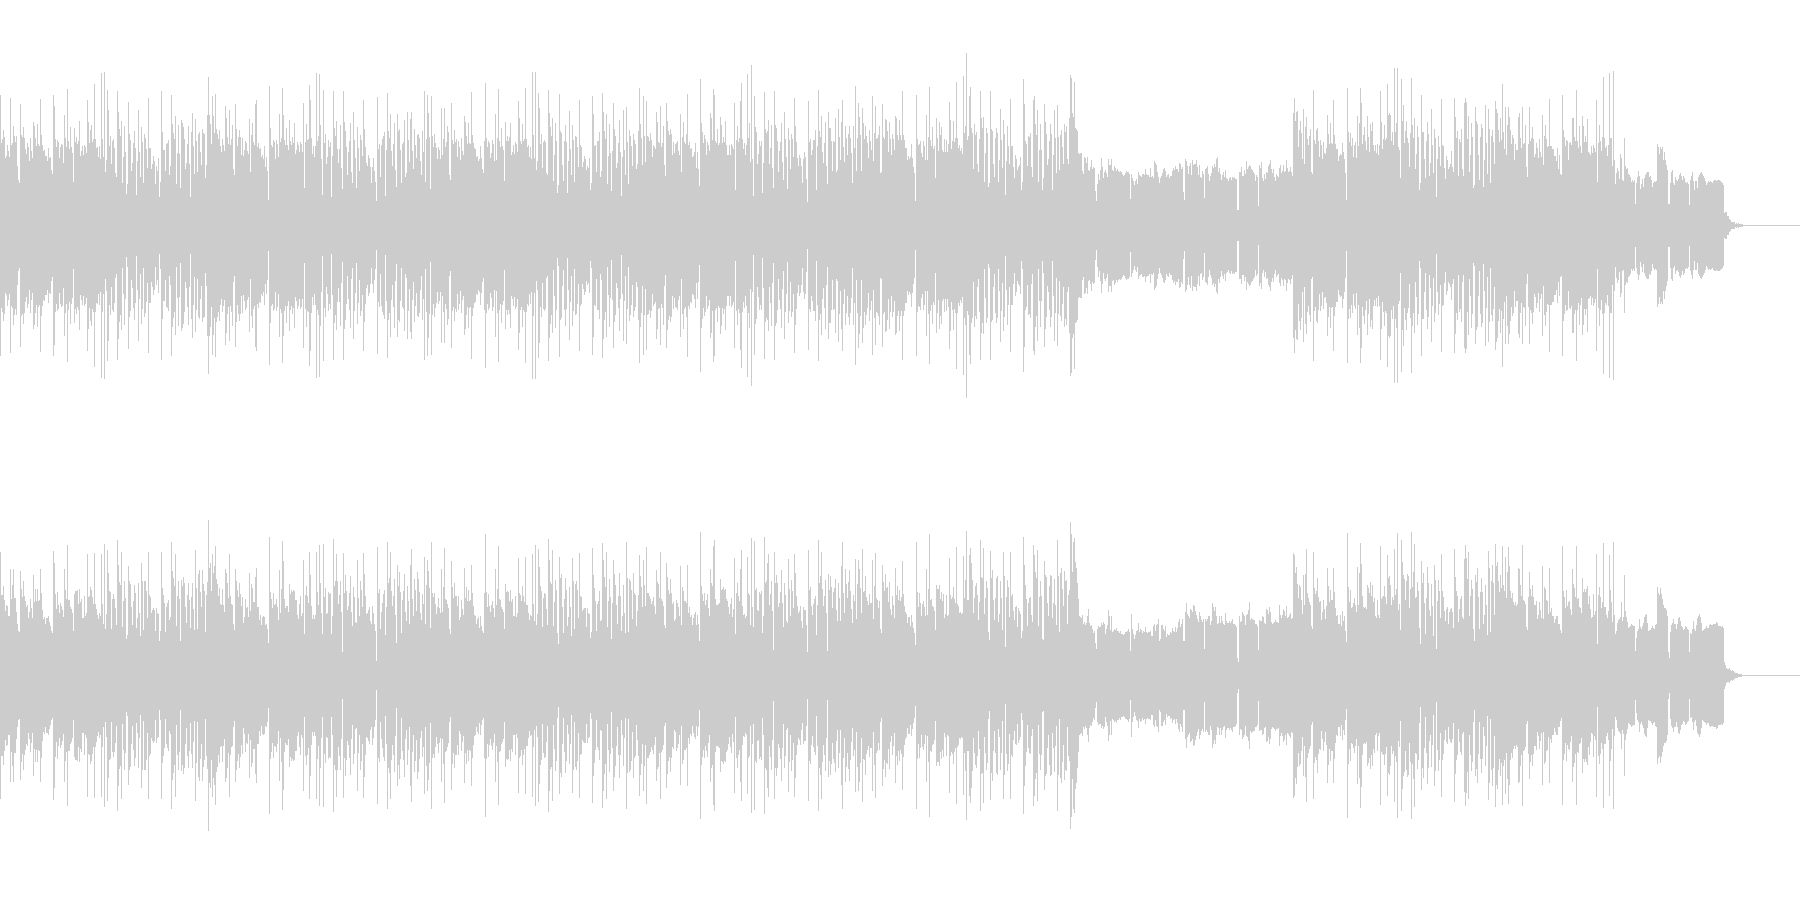 サスペンスダークなハードコアヒップホップの未再生の波形